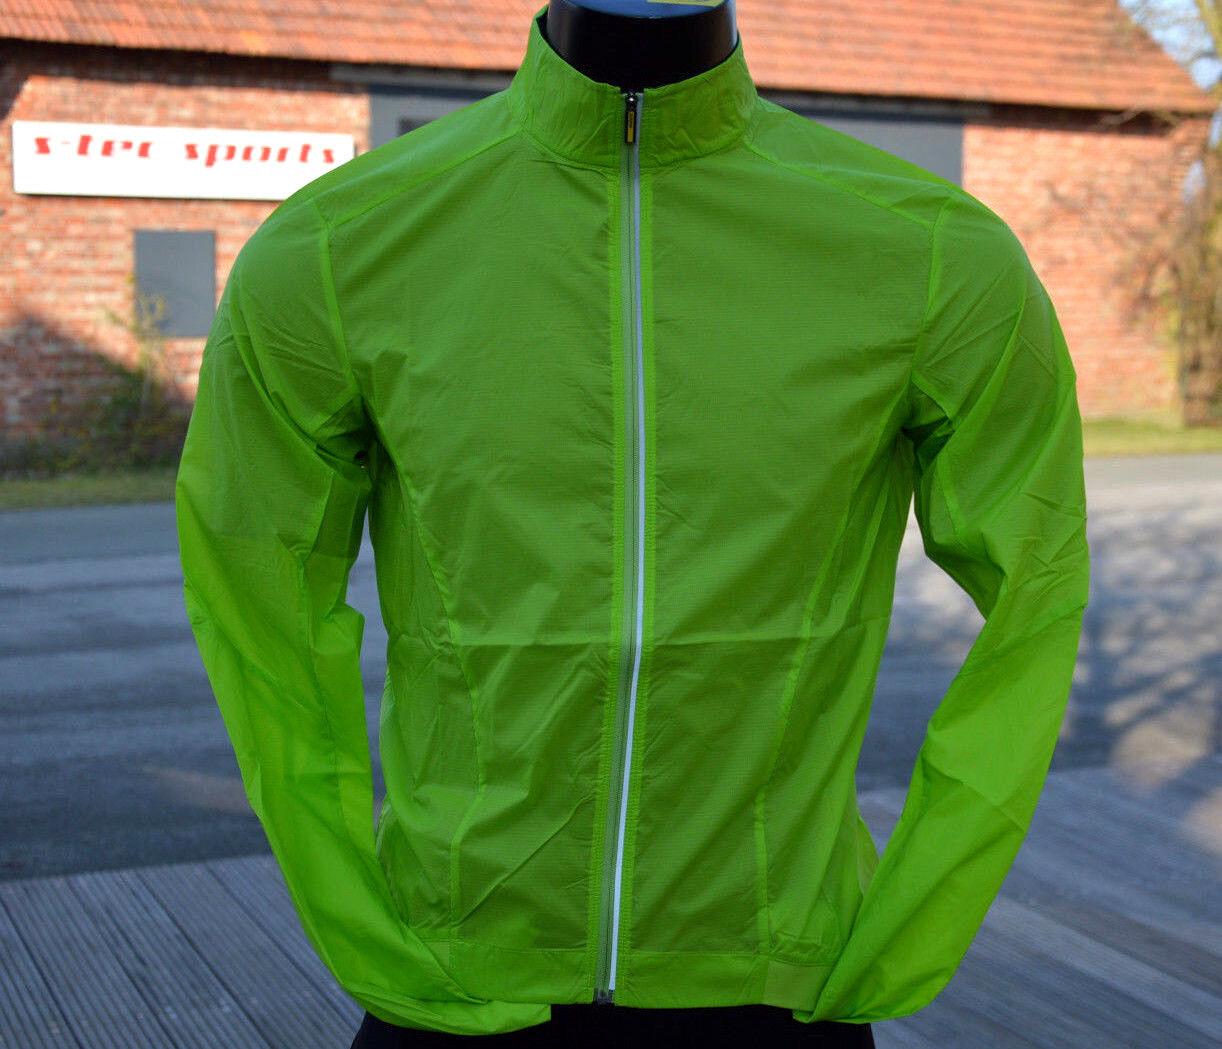 Mavic Essential leichte Fahrrad Windschutz Jacke regenabweisend Lime Grün %%%